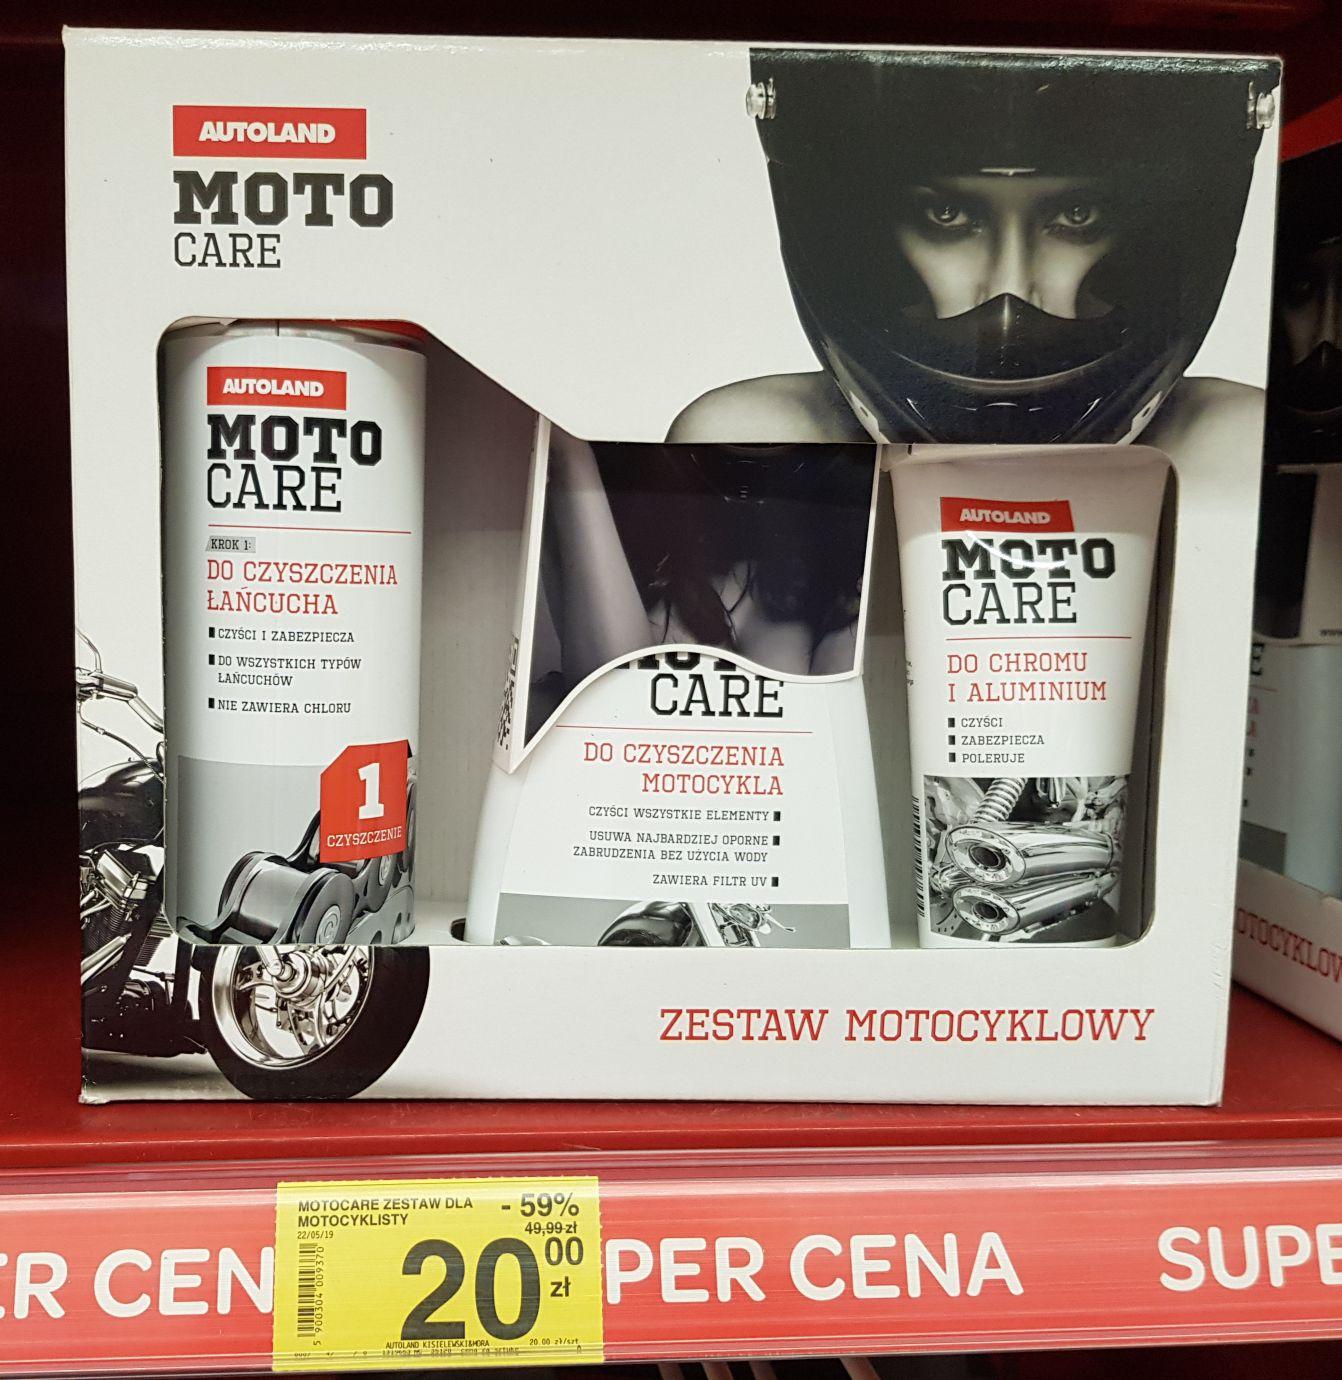 Zestaw motocyklowy Carrefour Białystok